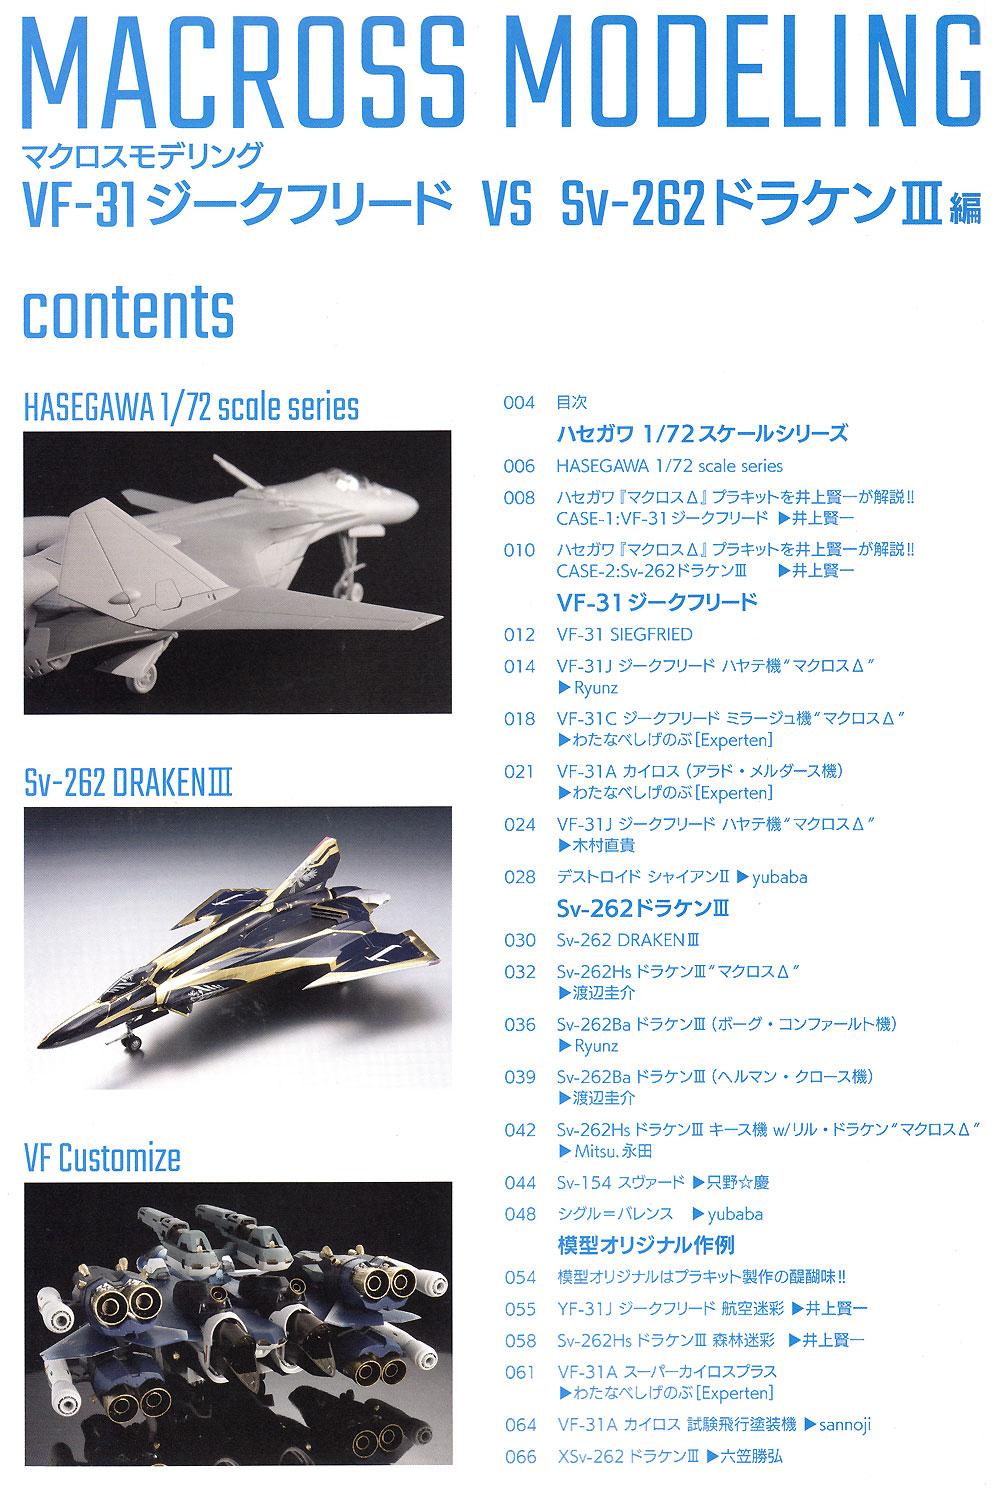 マクロスモデリング VF-31 ジークフリード VS Sv-262 ドラケン 3 編本(ホビージャパンHOBBY JAPAN MOOKNo.68149-84)商品画像_1